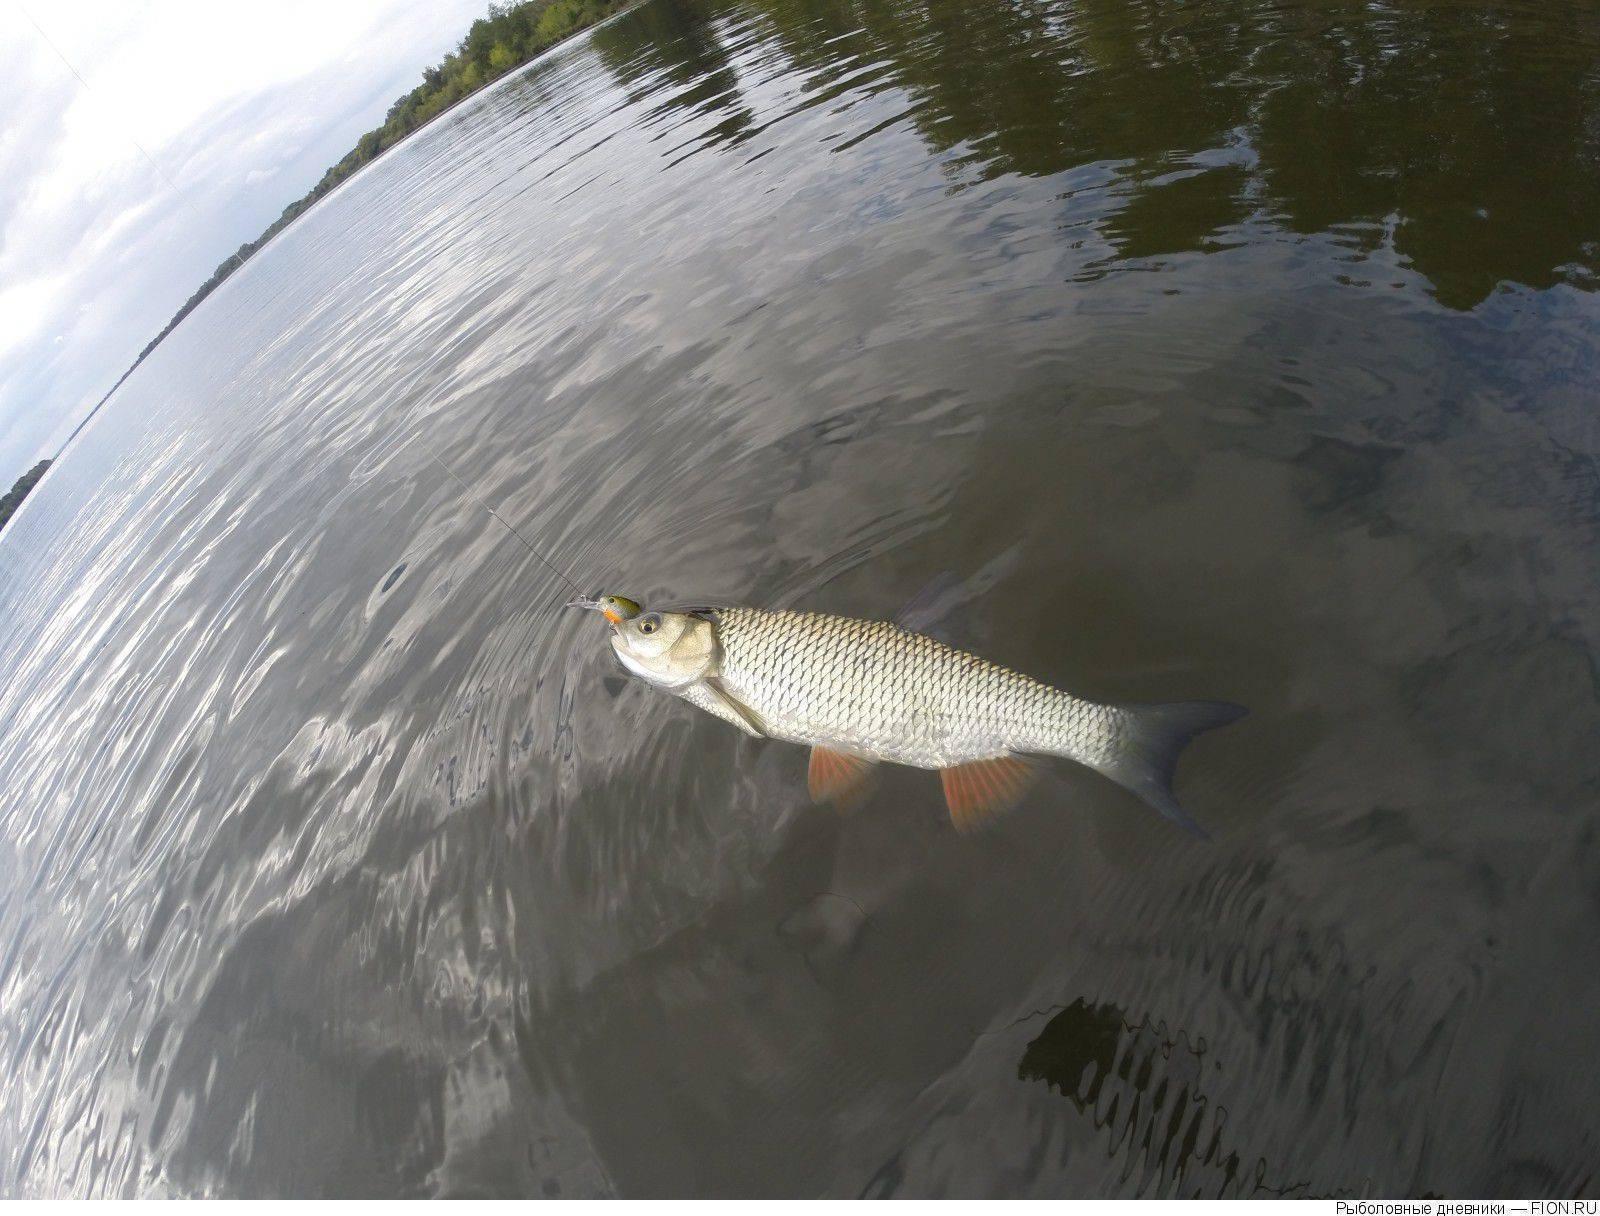 Рыбачим на оке: обзор уловистых мест и особенности рыбалки